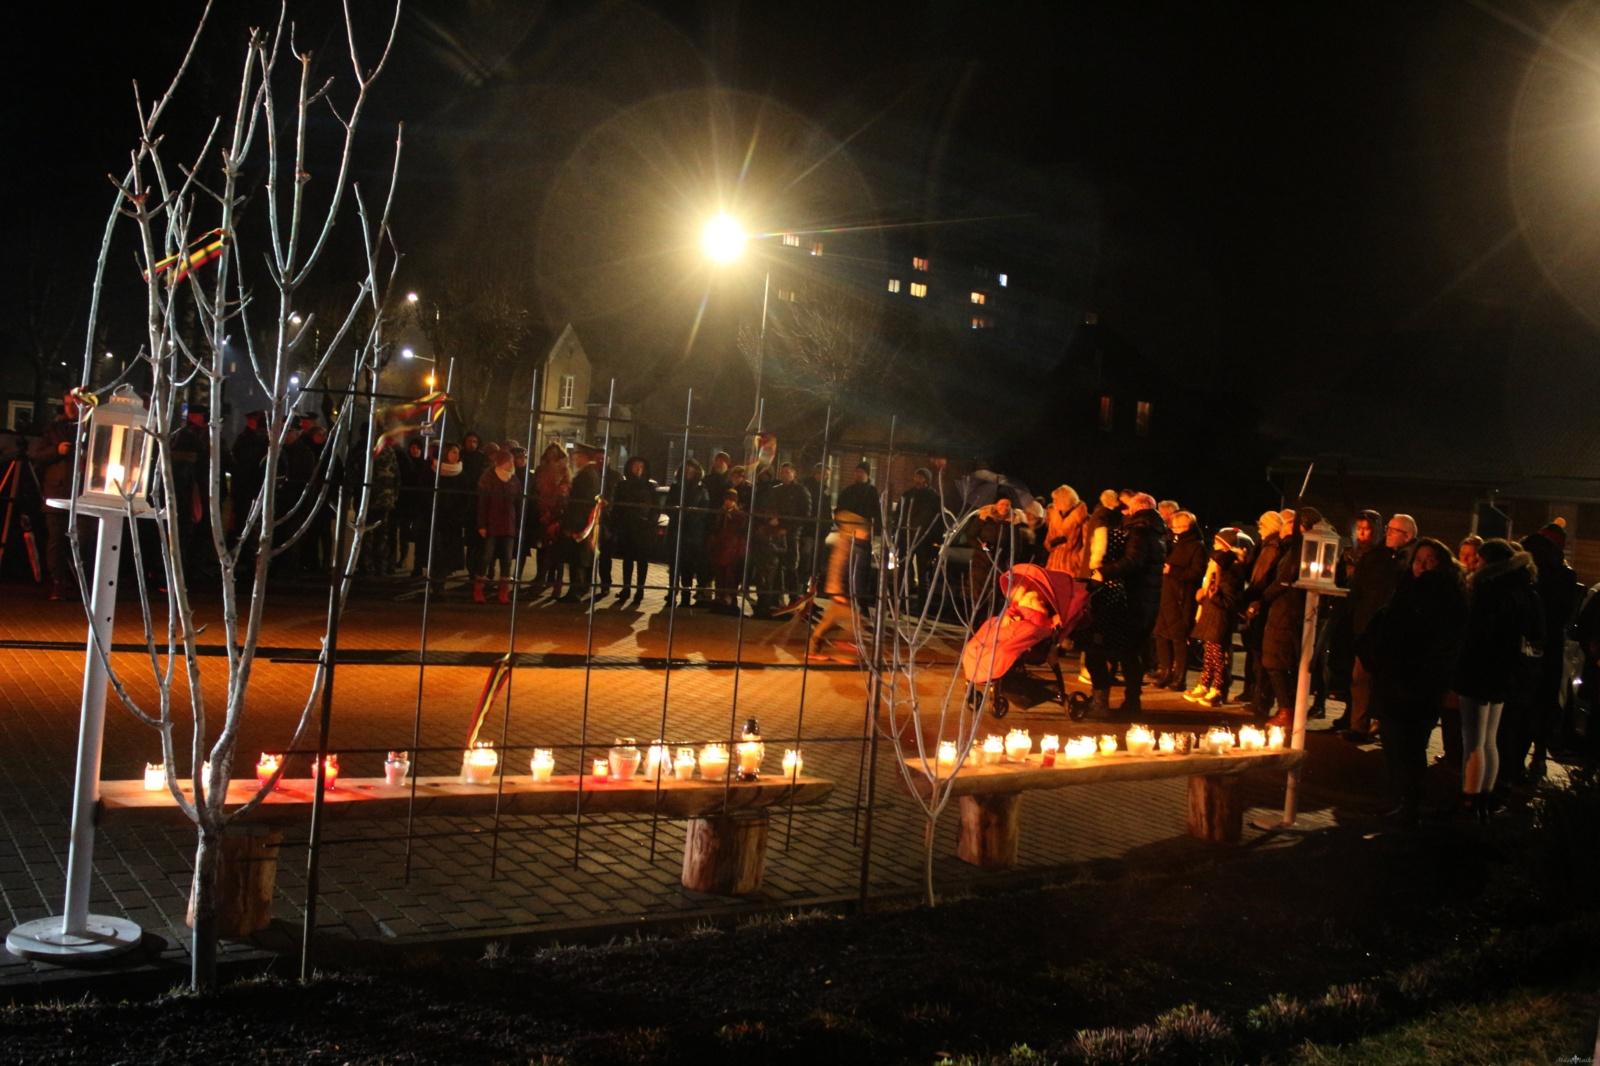 Gausiai susirinkusieji prie Jurbarko kultūros centro pagerbė laisvės gynėjų aukas